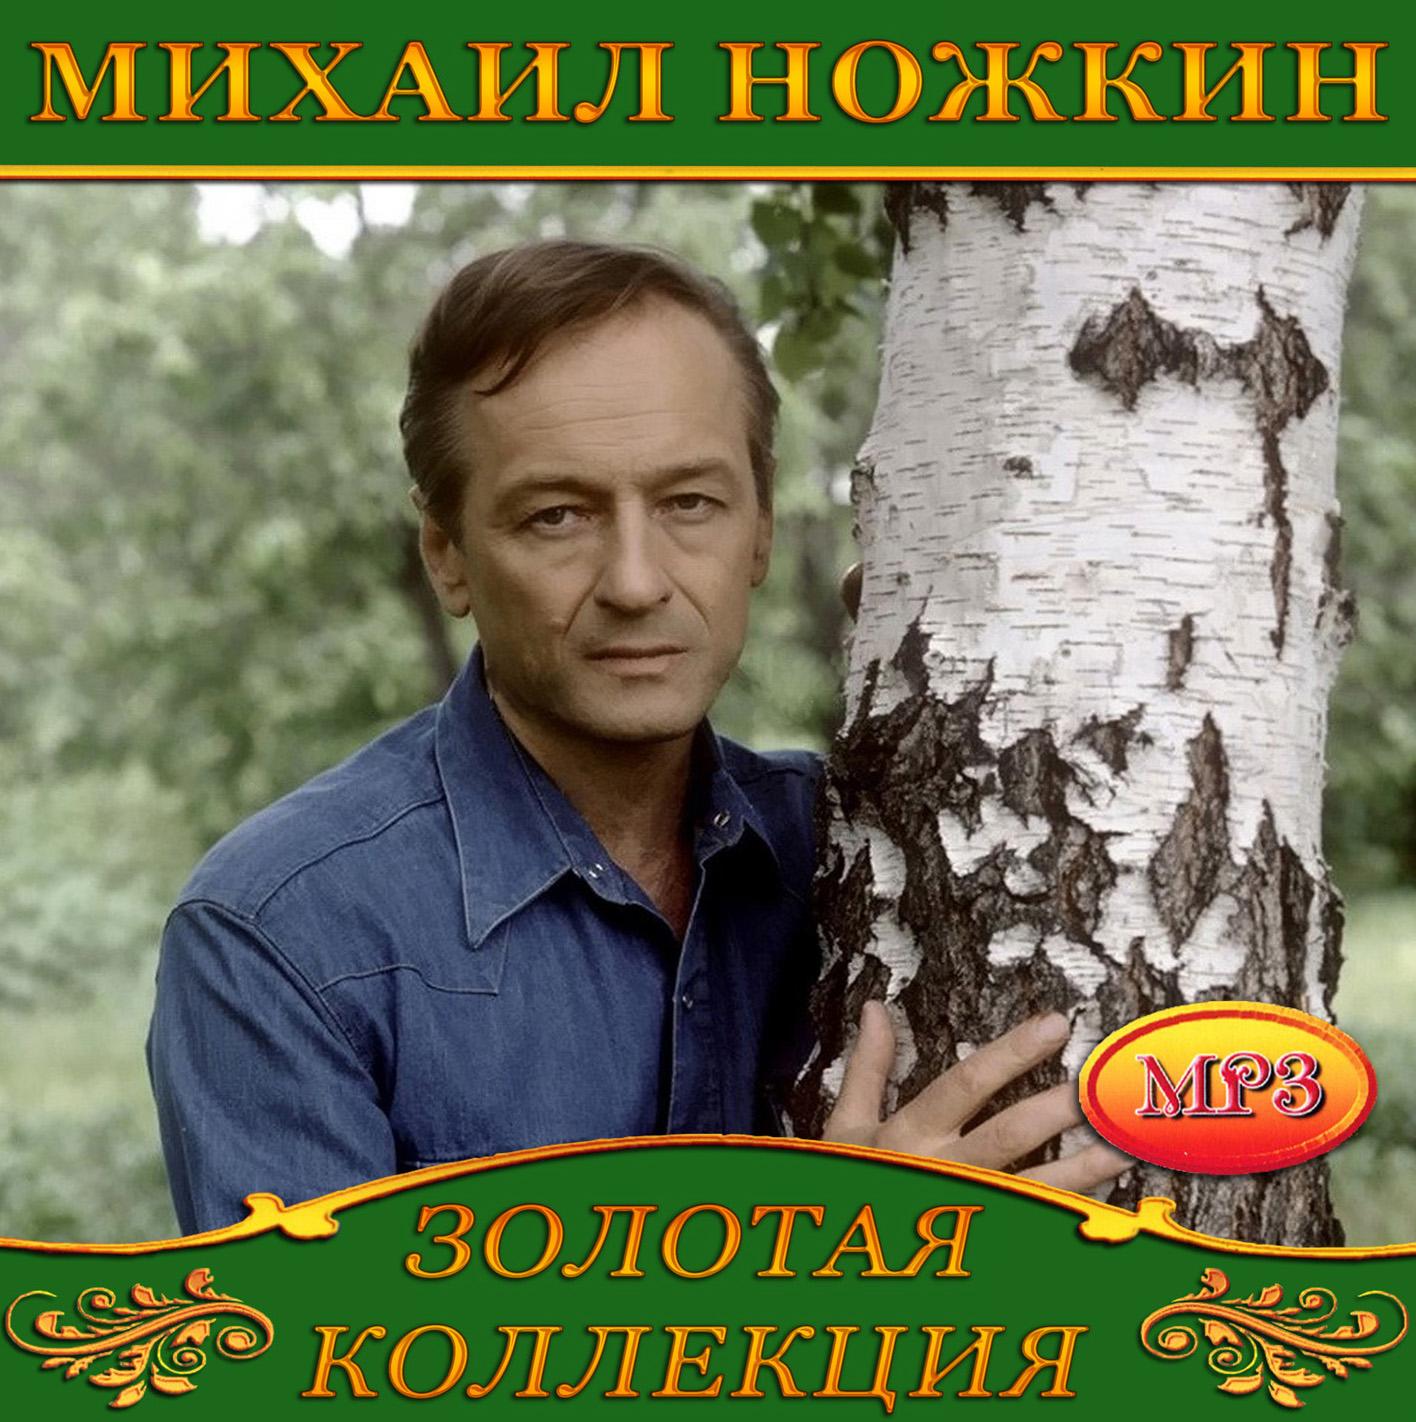 Михаил Ножкин [mp3]